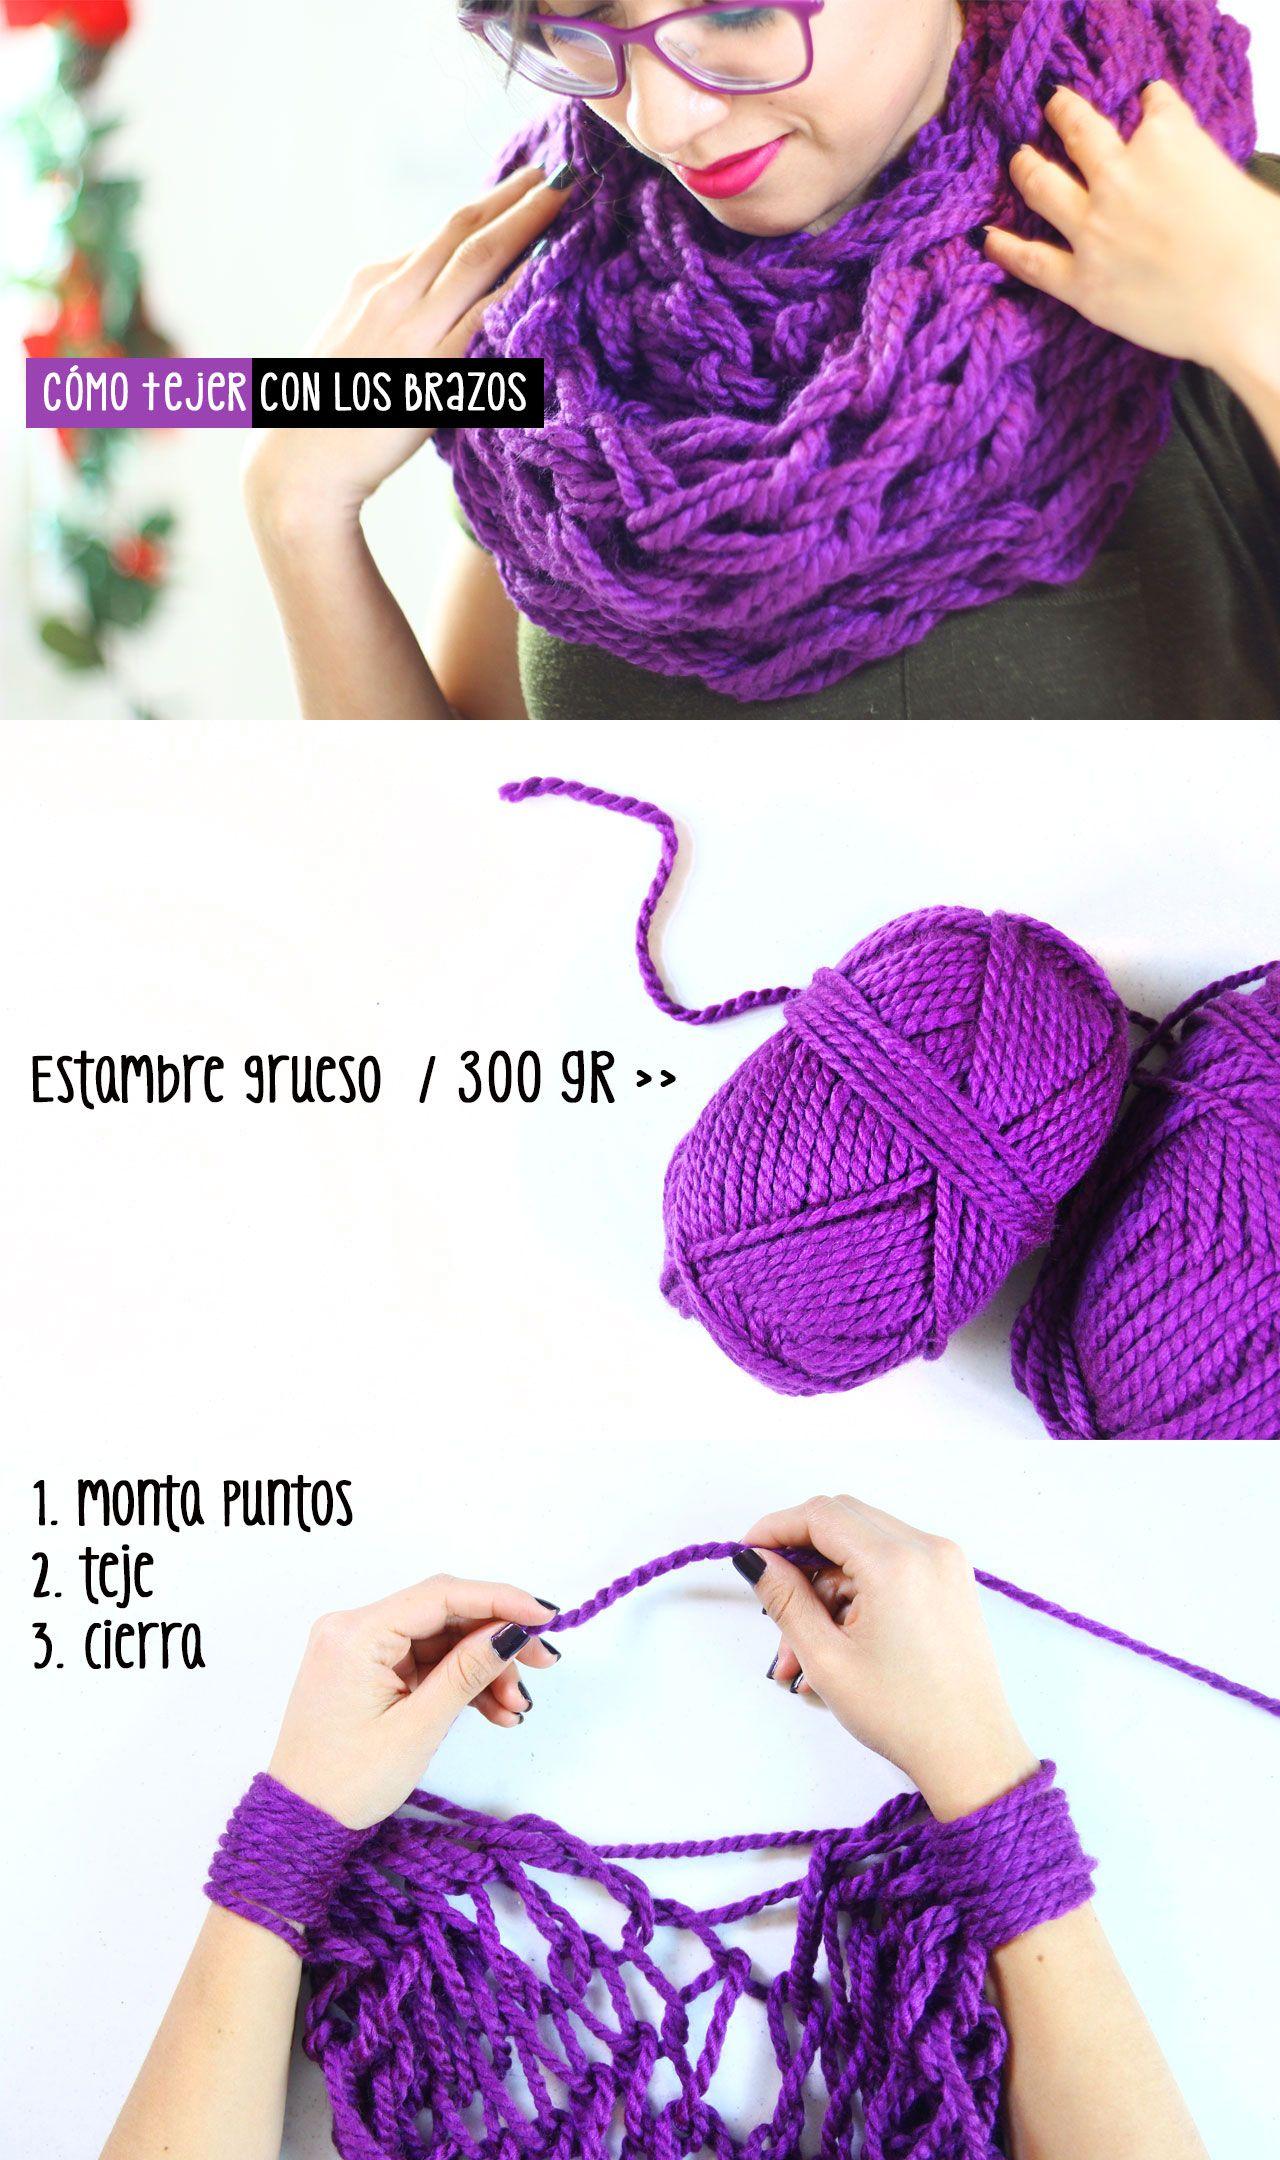 Bufanda en 30 minutos: cómo tejer con los brazos   tejer   Pinterest ...